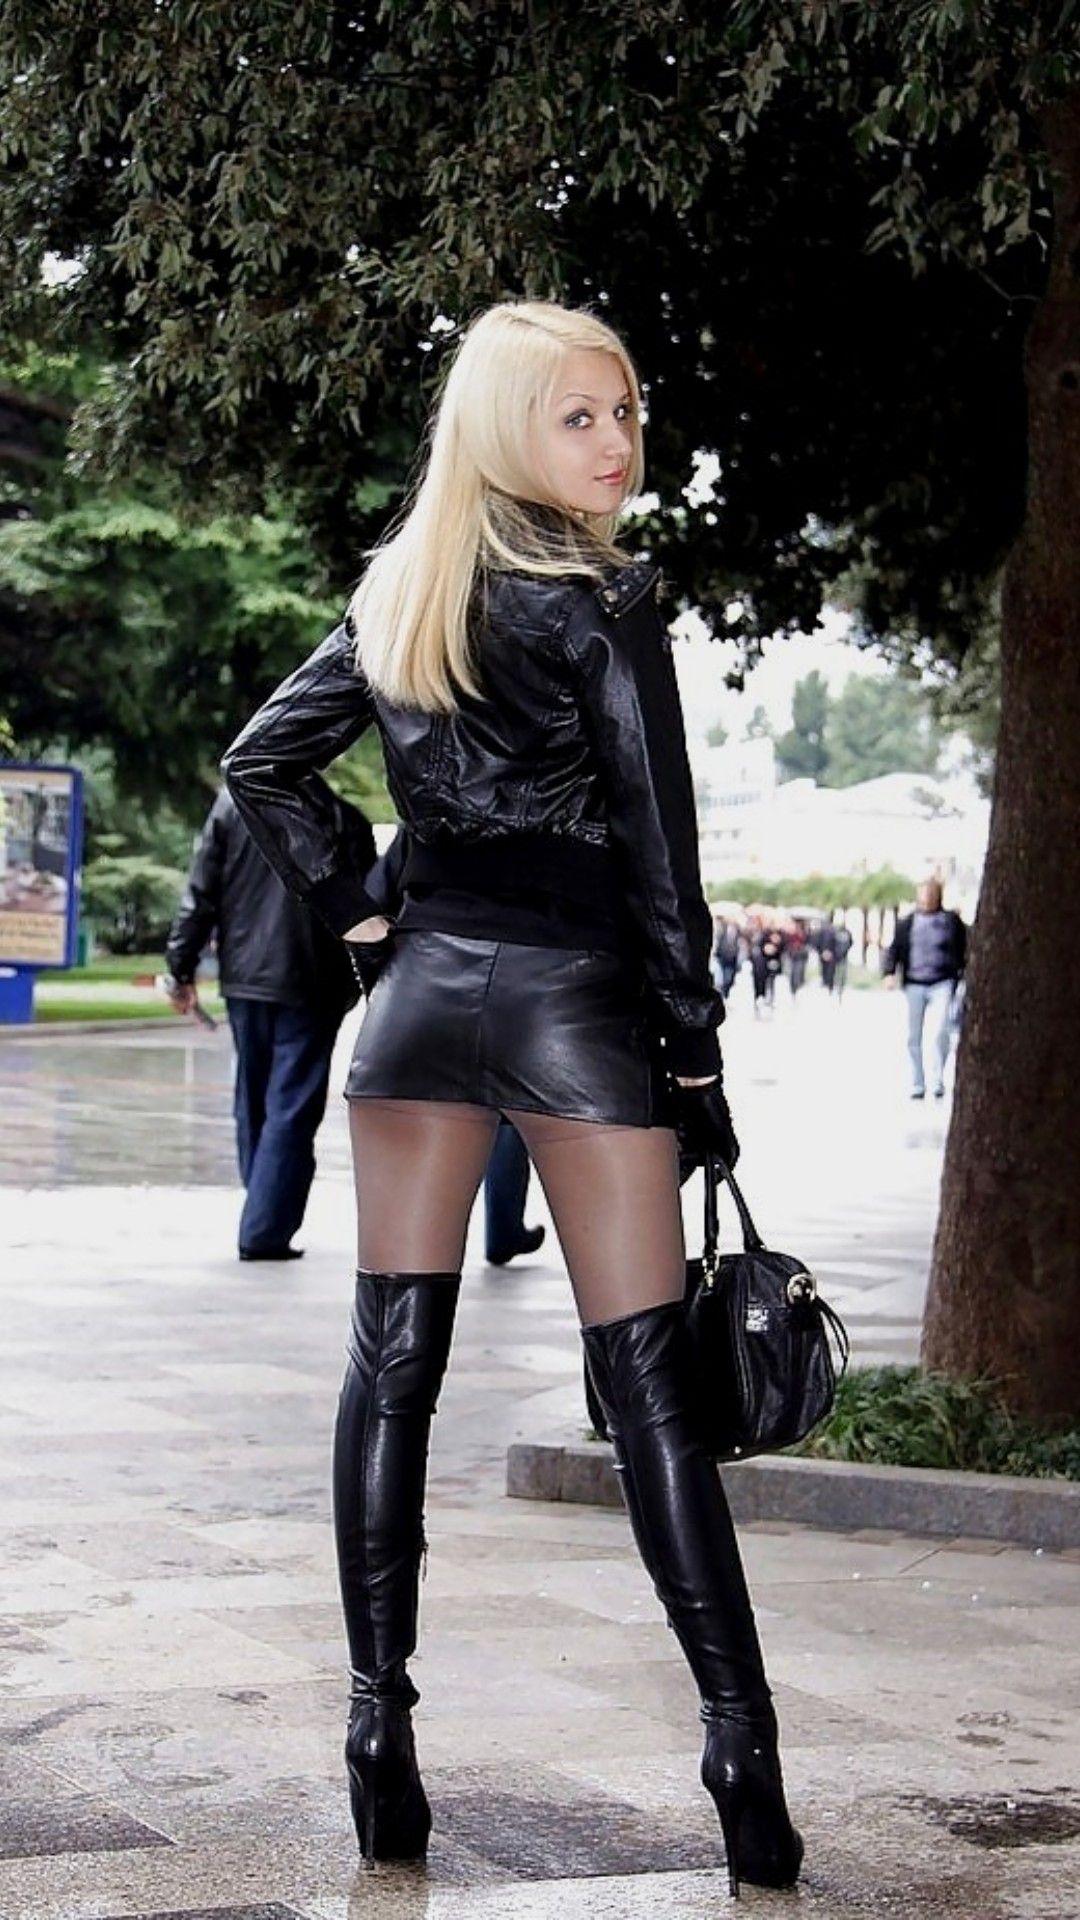 повернулась фото девушки в кожаных мини юбках так здесь, живой